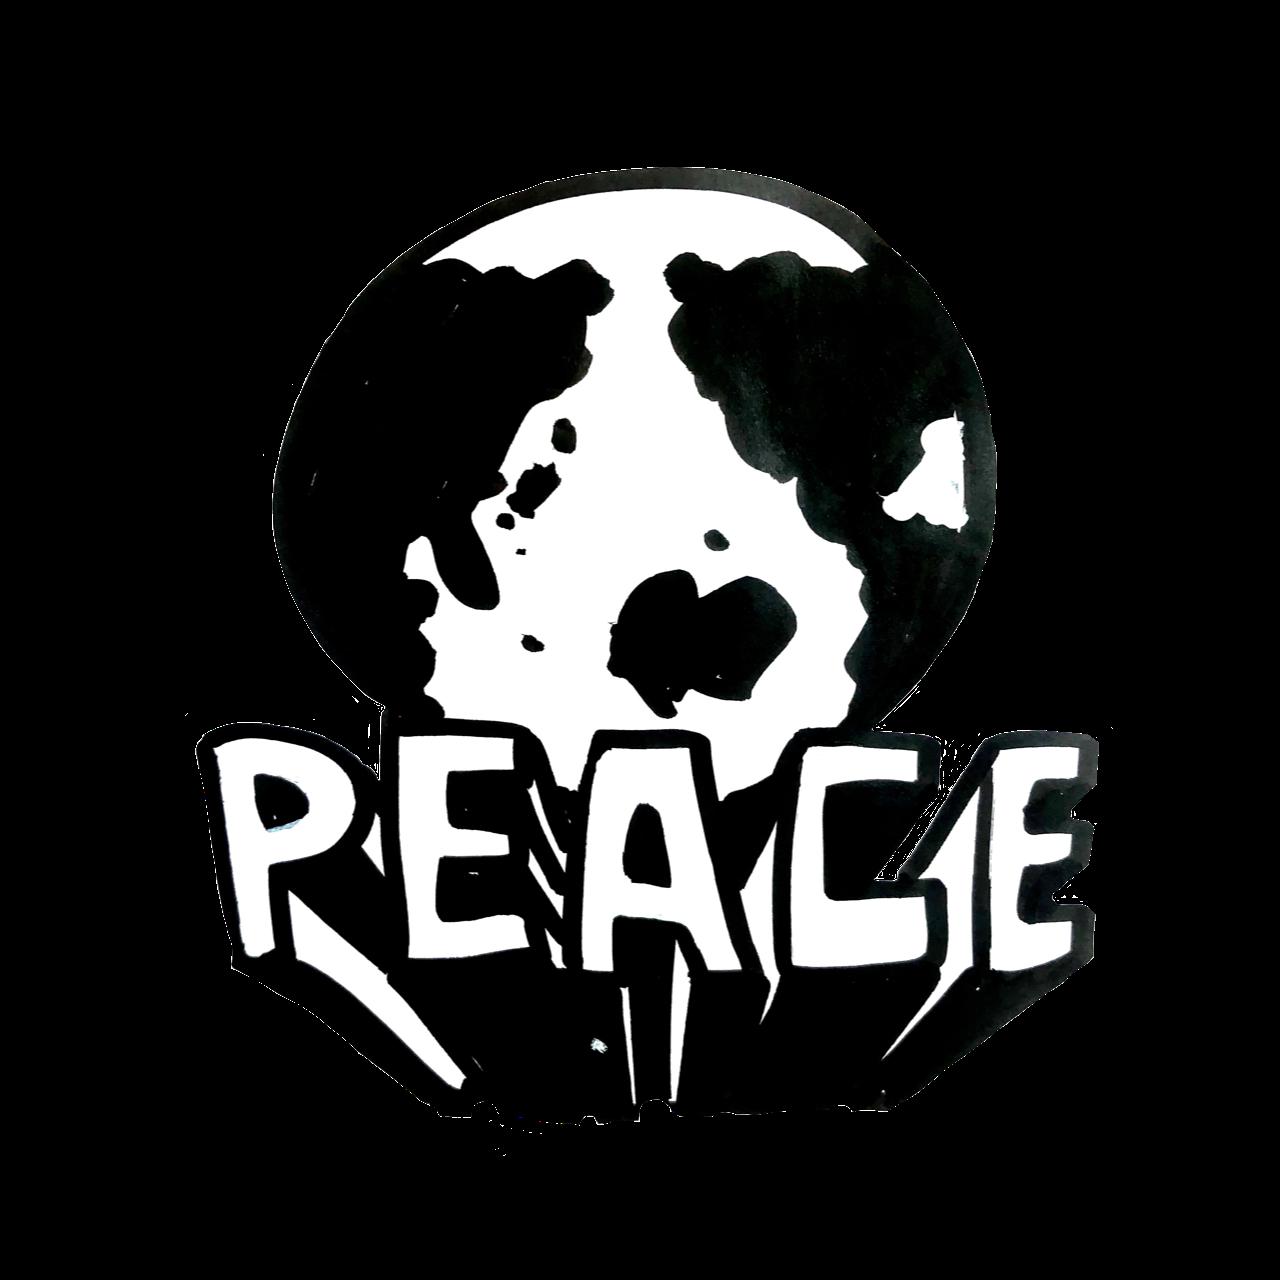 PEACE HIROSHIMA